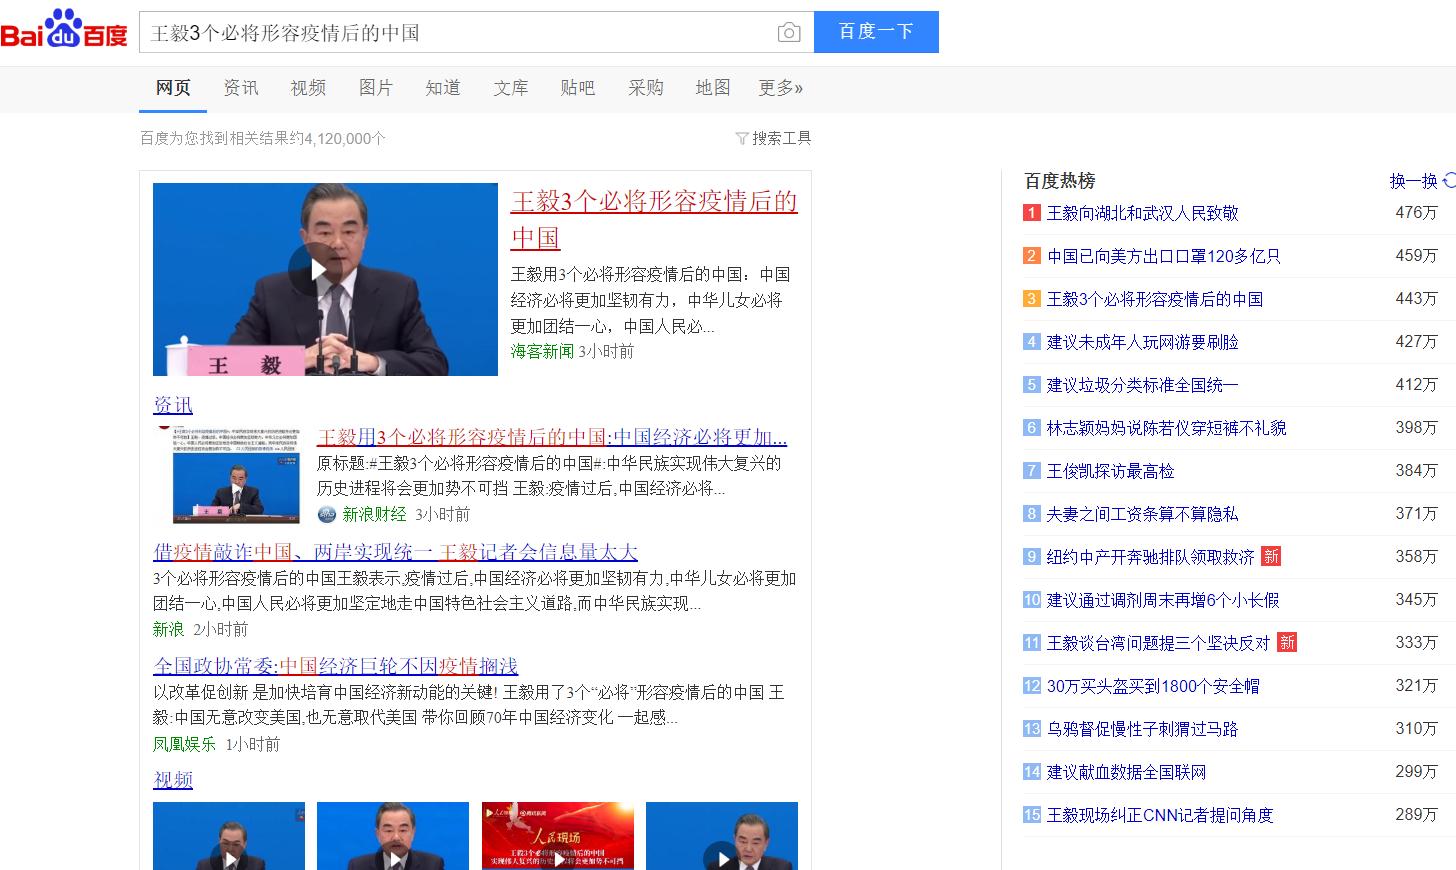 Так выглядит поисковая выдача Baidu